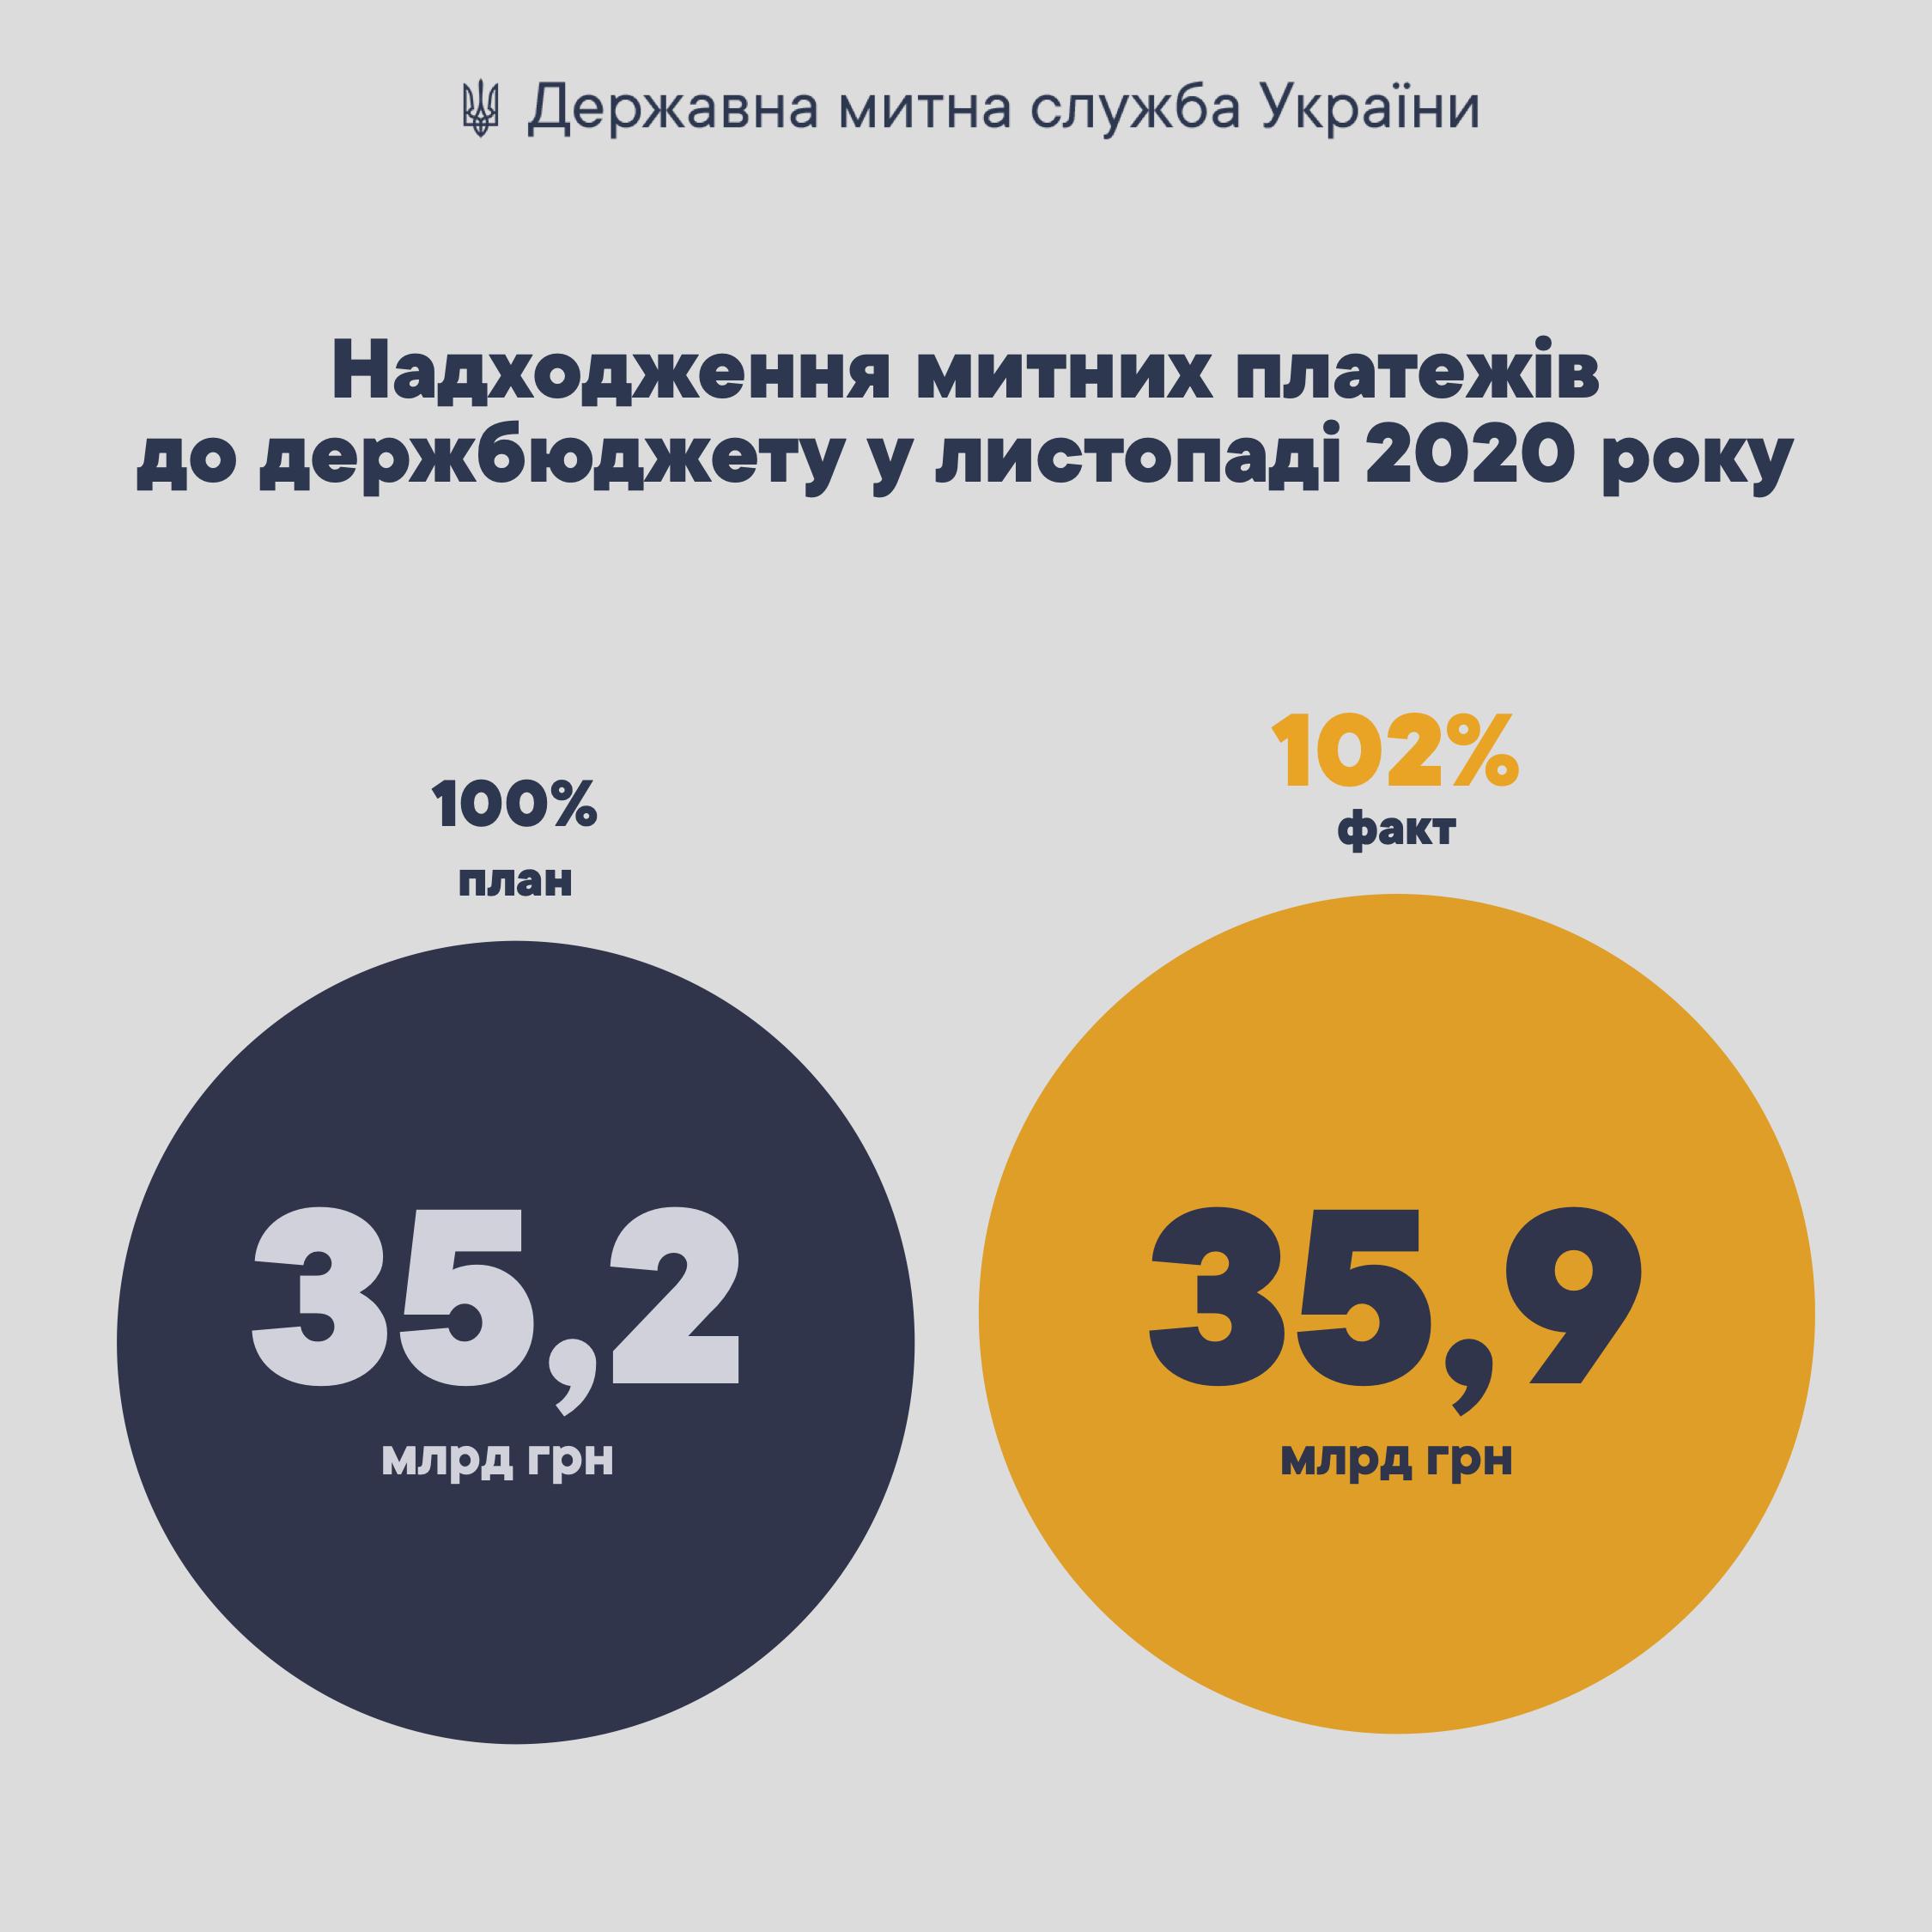 У листопаді Держмитслужба виконала план на 102%, перерахувавши до бюджету 35,86 млрд грн